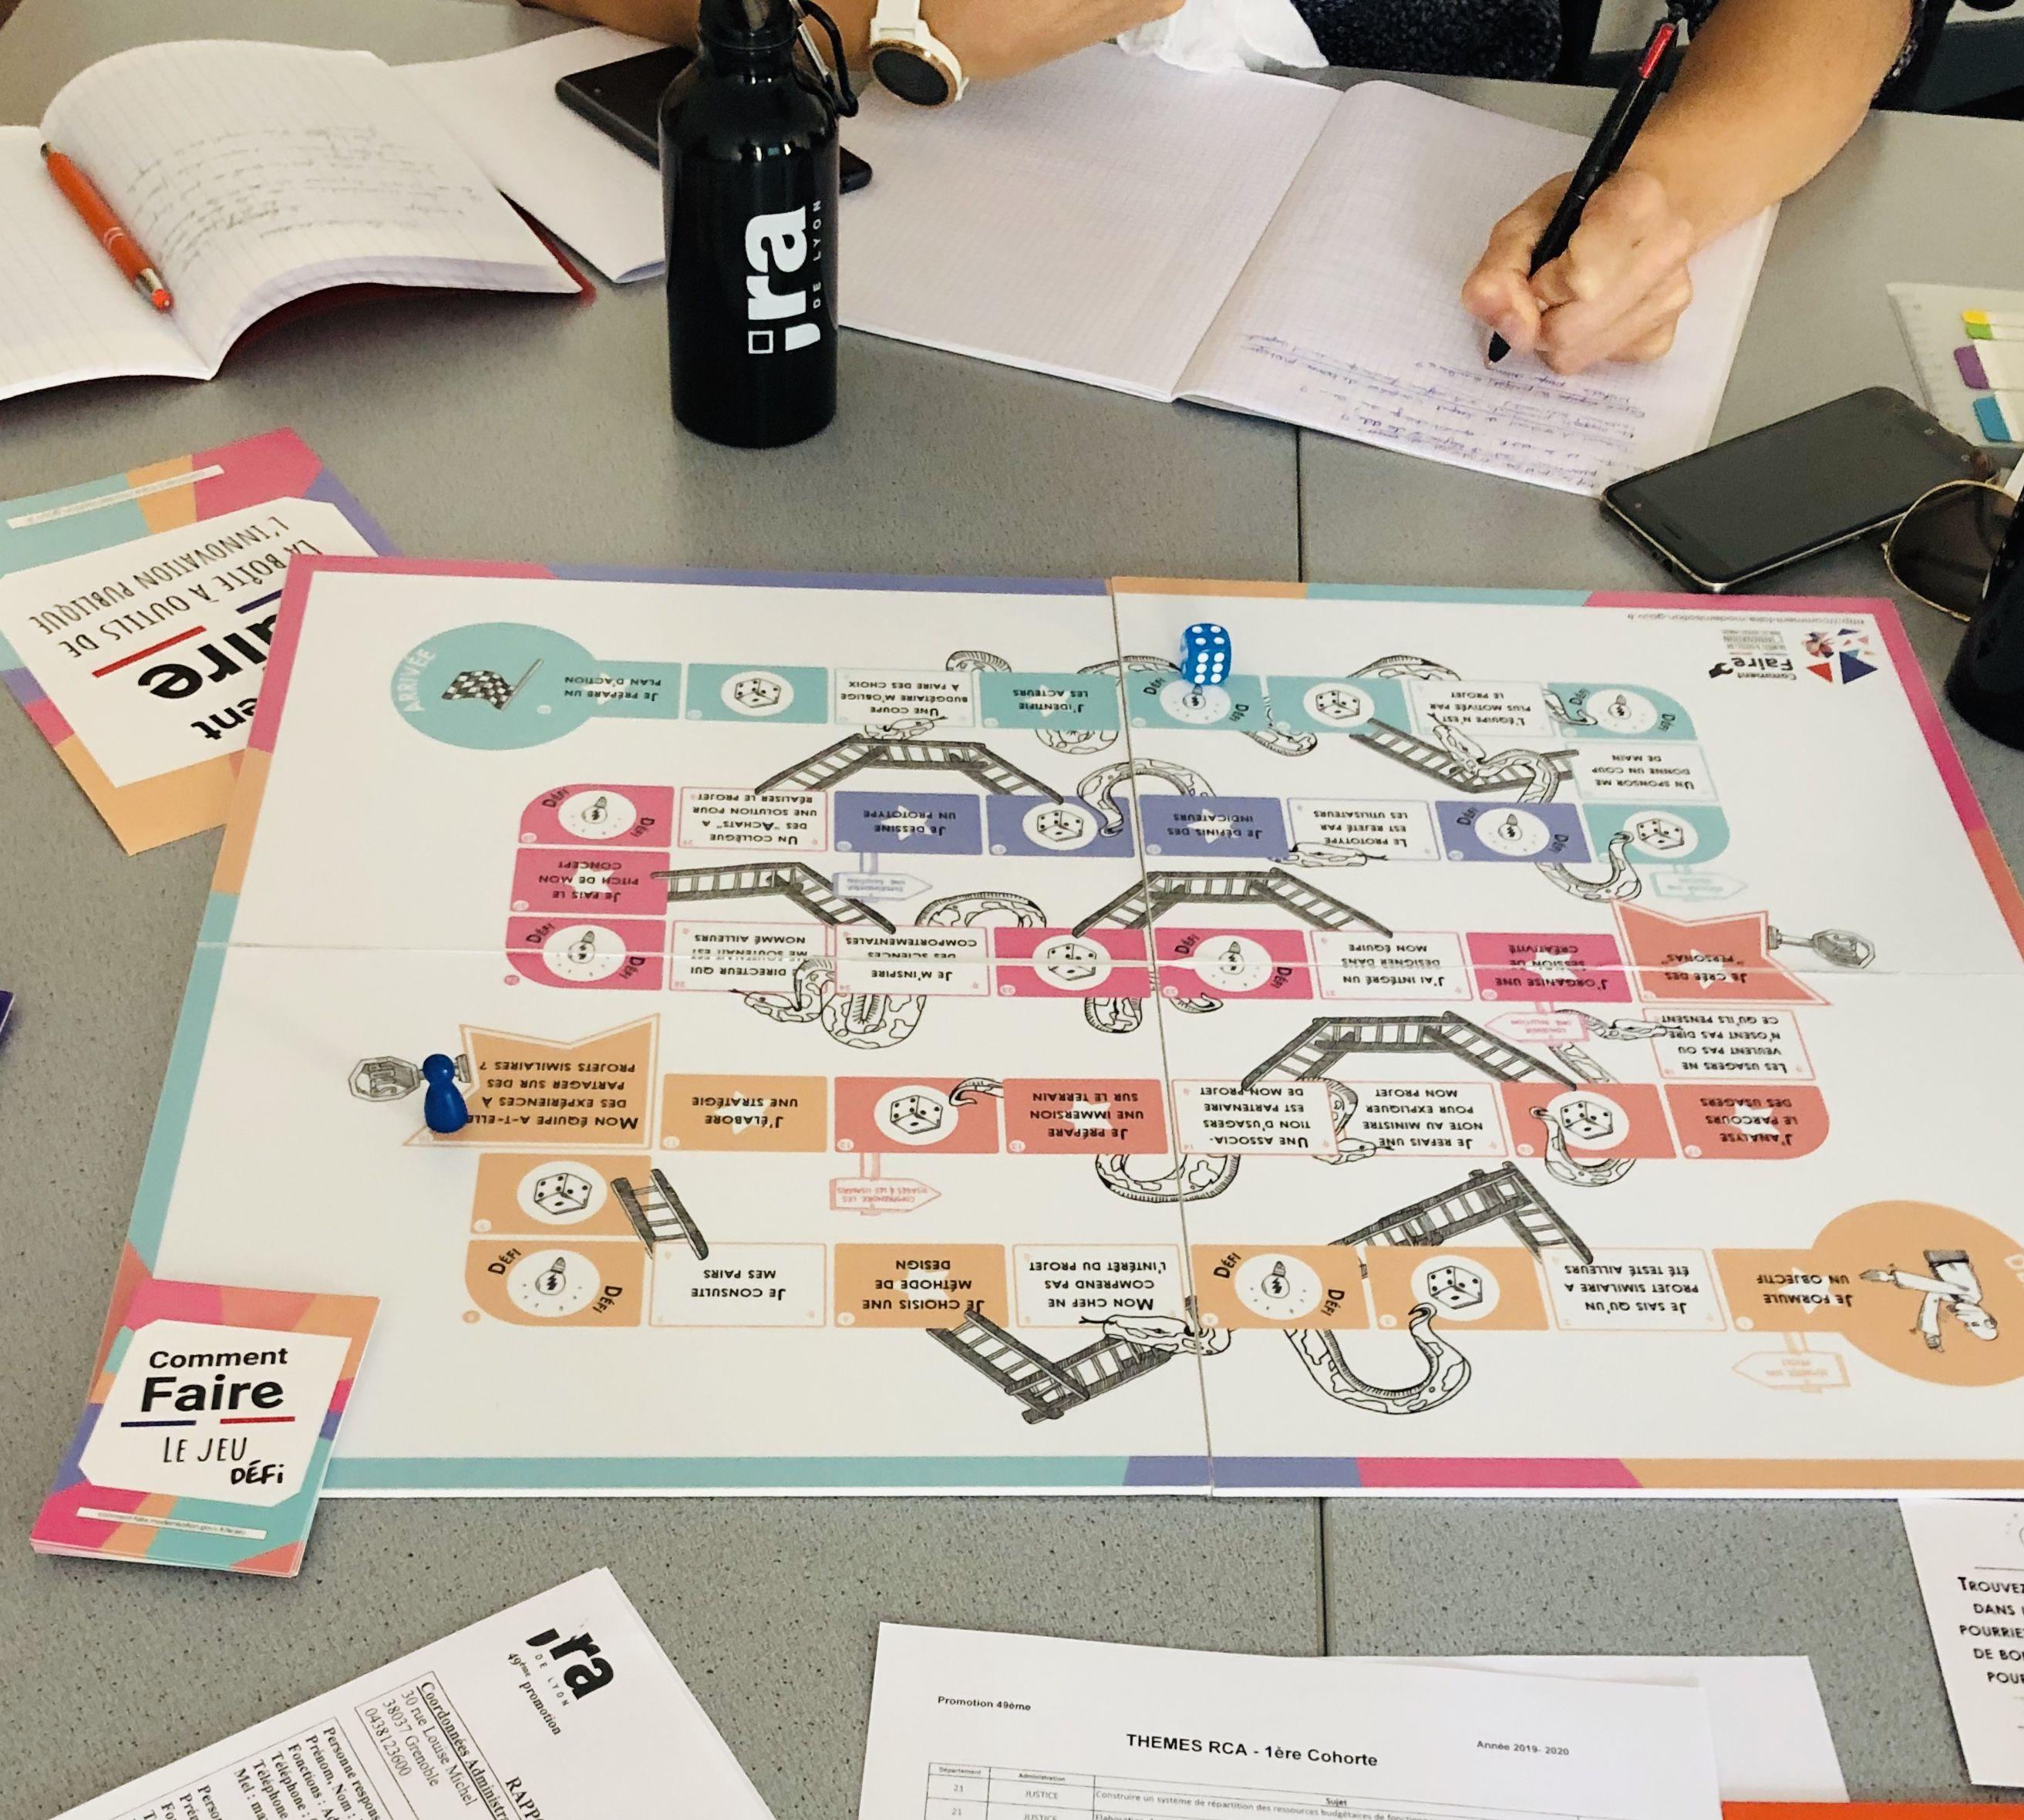 """# INNOVATION PUBLIQUE """"Comment Faire"""" : Le jeu sérieux au service des projets"""